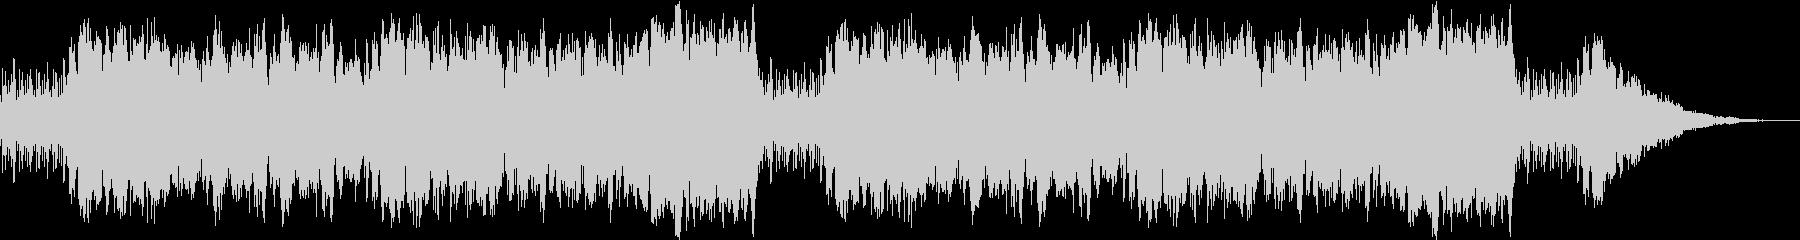 ハープの穏やかなリズムの楽曲の未再生の波形